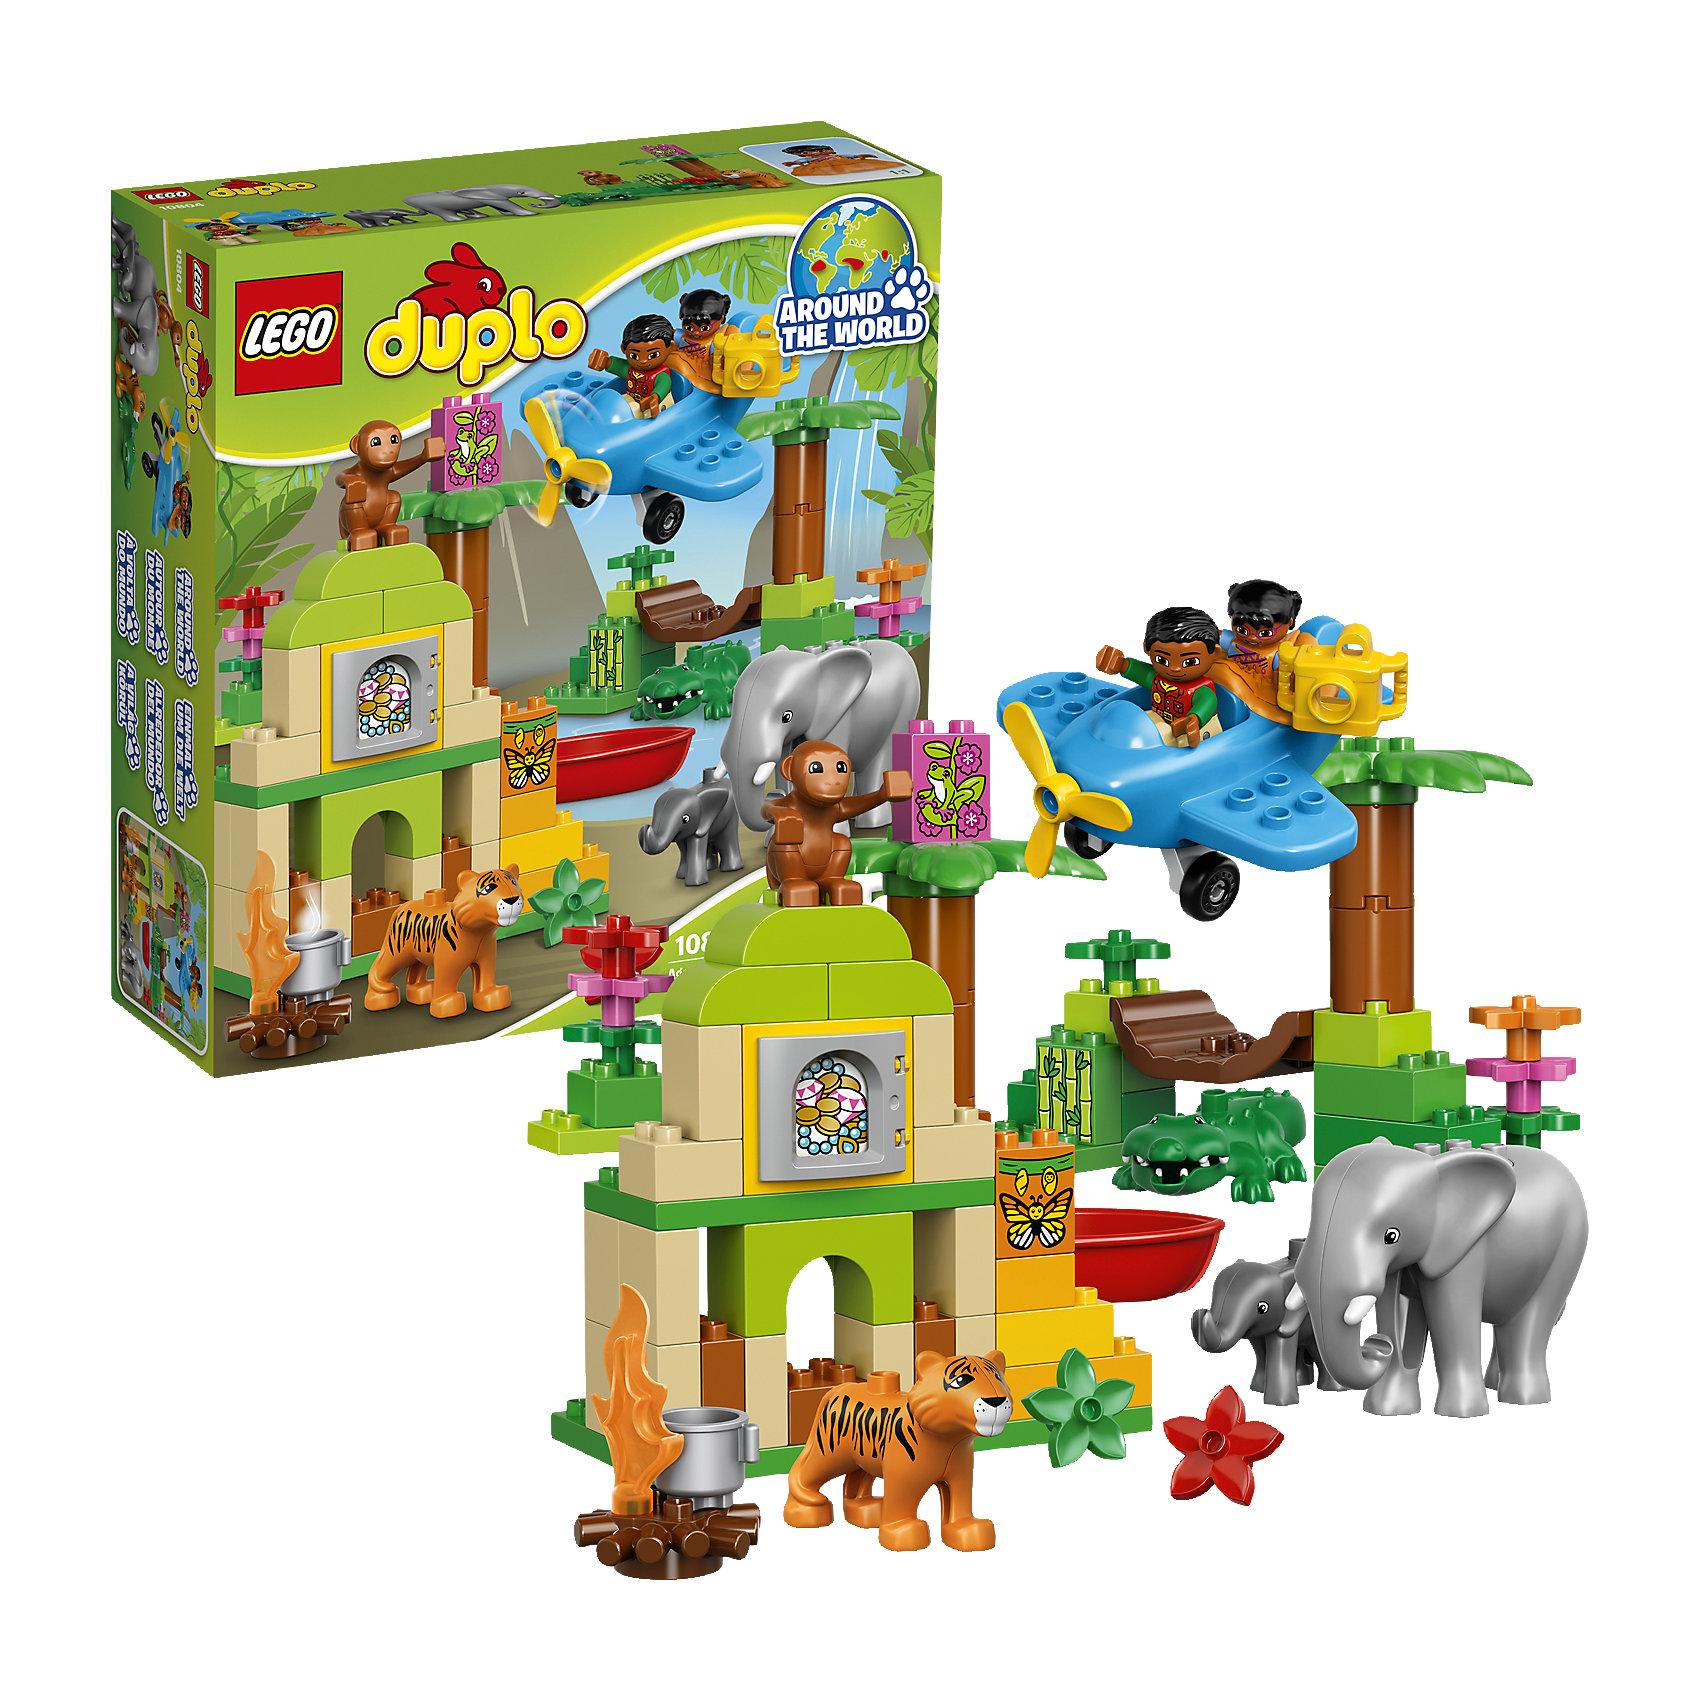 LEGO DUPLO 10804: Вокруг света: АзияLEGO DUPLO (ЛЕГО Дупло) 10804: Вокруг света: Азия непременно заинтересует любознательных малышей. Вашему ребенку предстоит увлекательное путешествие по индийским джунглям. Садитесь в маленький самолет и отправляйтесь на поиски приключений, не забыв прихватить с собой фотоаппарат. Маленького исследователя ждут таинственные руины храма, поиски сокровищ и, конечно же, знакомство с местными обитателями - симпатичным слоном, милым слоненком, добродушным тигром, крокодилом и веселой обезьянкой. <br><br>ЛЕГО Дупло - серия конструкторов для малышей, которую отличают крупные яркие детали со скругленными безопасными углами и многообразие игровых сюжетов, это и животные, и растения, и машинки, и сказочные персонажи. <br><br>Дополнительная информация:<br><br>- Игра с конструктором LEGO (ЛЕГО) развивает мелкую моторику ребенка, фантазию и воображение, учит его усидчивости и внимательности.<br>- Количество деталей: 86.<br>- Количество минифигур: 7 (2 человечка, слон, слоненок, тигр, обезьянка, крокодил).<br>- Серия: LEGO DUPLO (ЛЕГО Дупло). <br>- Материал: пластик.<br>- Размер упаковки: 35 х 11 х 37,5 см.<br>- Вес: 1,3 кг.<br><br>Конструктор LEGO DUPLO (ЛЕГО Дупло) 10804: Вокруг света: Азия можно купить в нашем интернет-магазине.<br><br>Ширина мм: 377<br>Глубина мм: 353<br>Высота мм: 119<br>Вес г: 1352<br>Возраст от месяцев: 24<br>Возраст до месяцев: 60<br>Пол: Унисекс<br>Возраст: Детский<br>SKU: 4259172